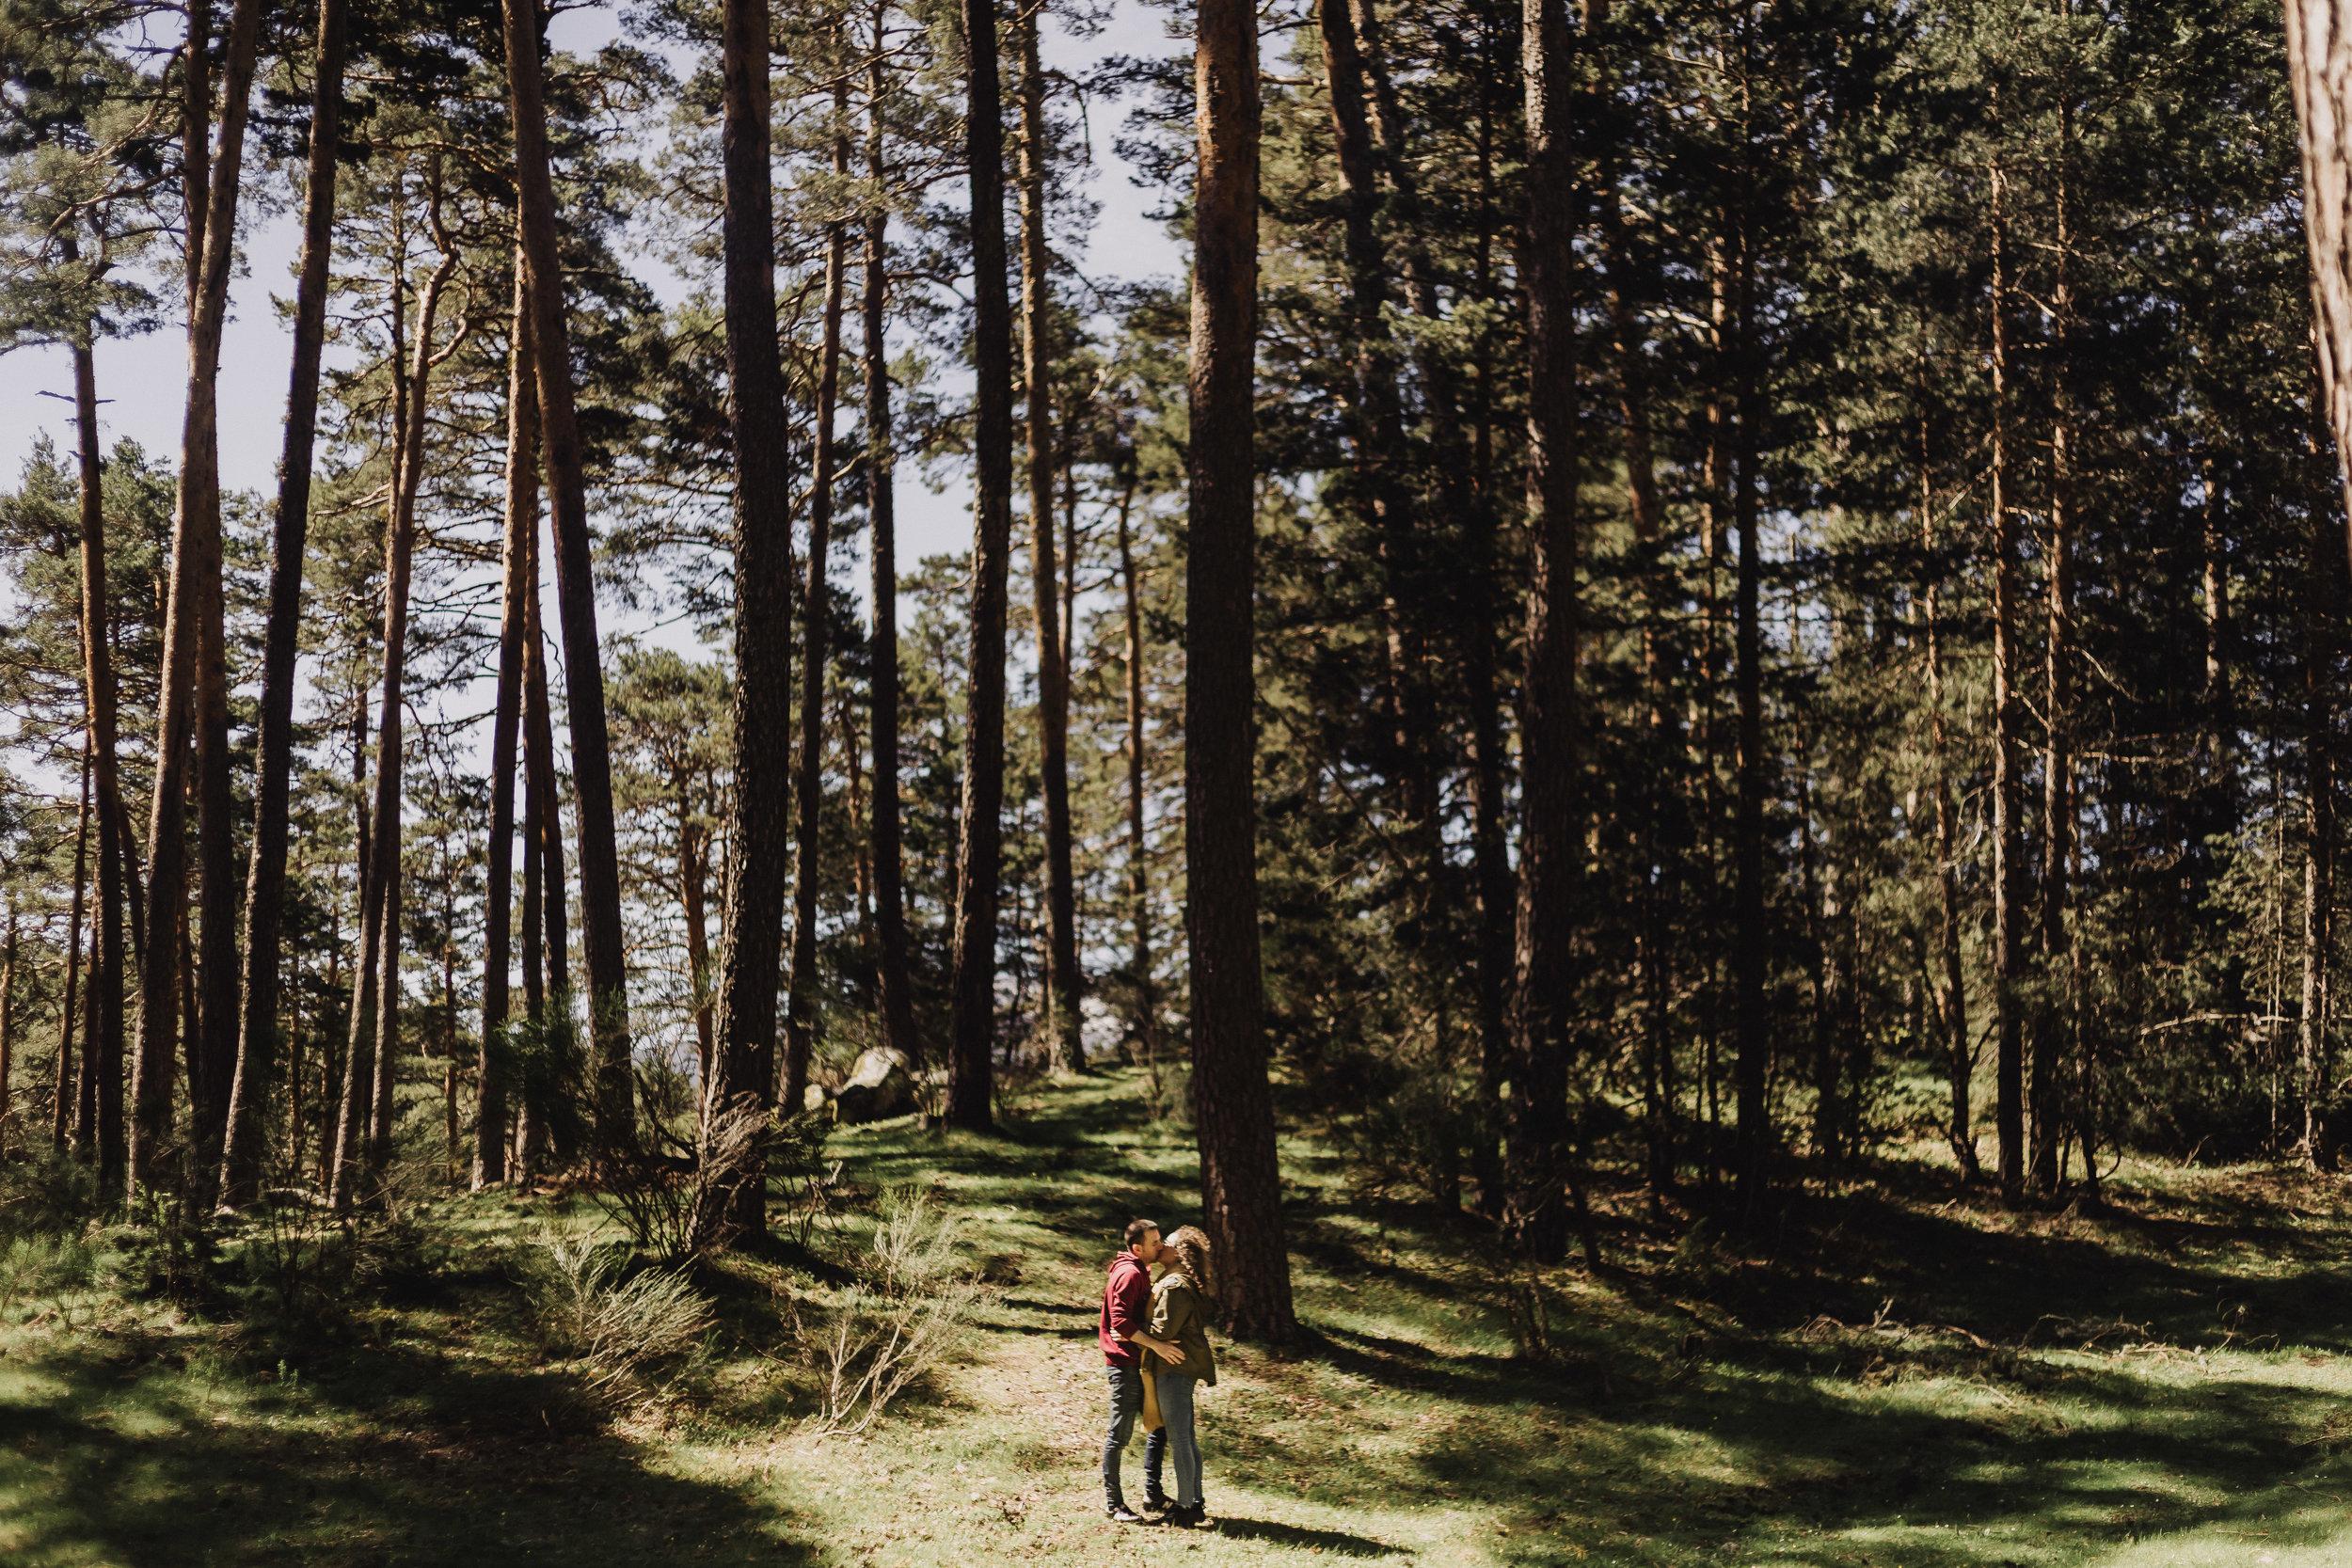 preboda-en- bosque-103.jpg